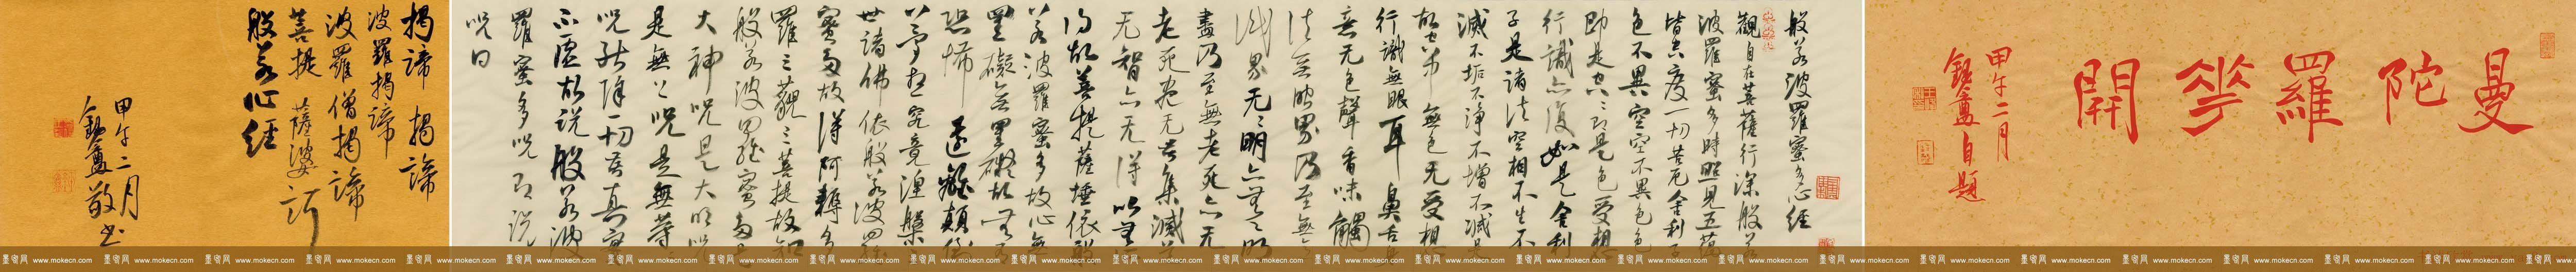 王峰心经书法手卷《曼陀罗花开》